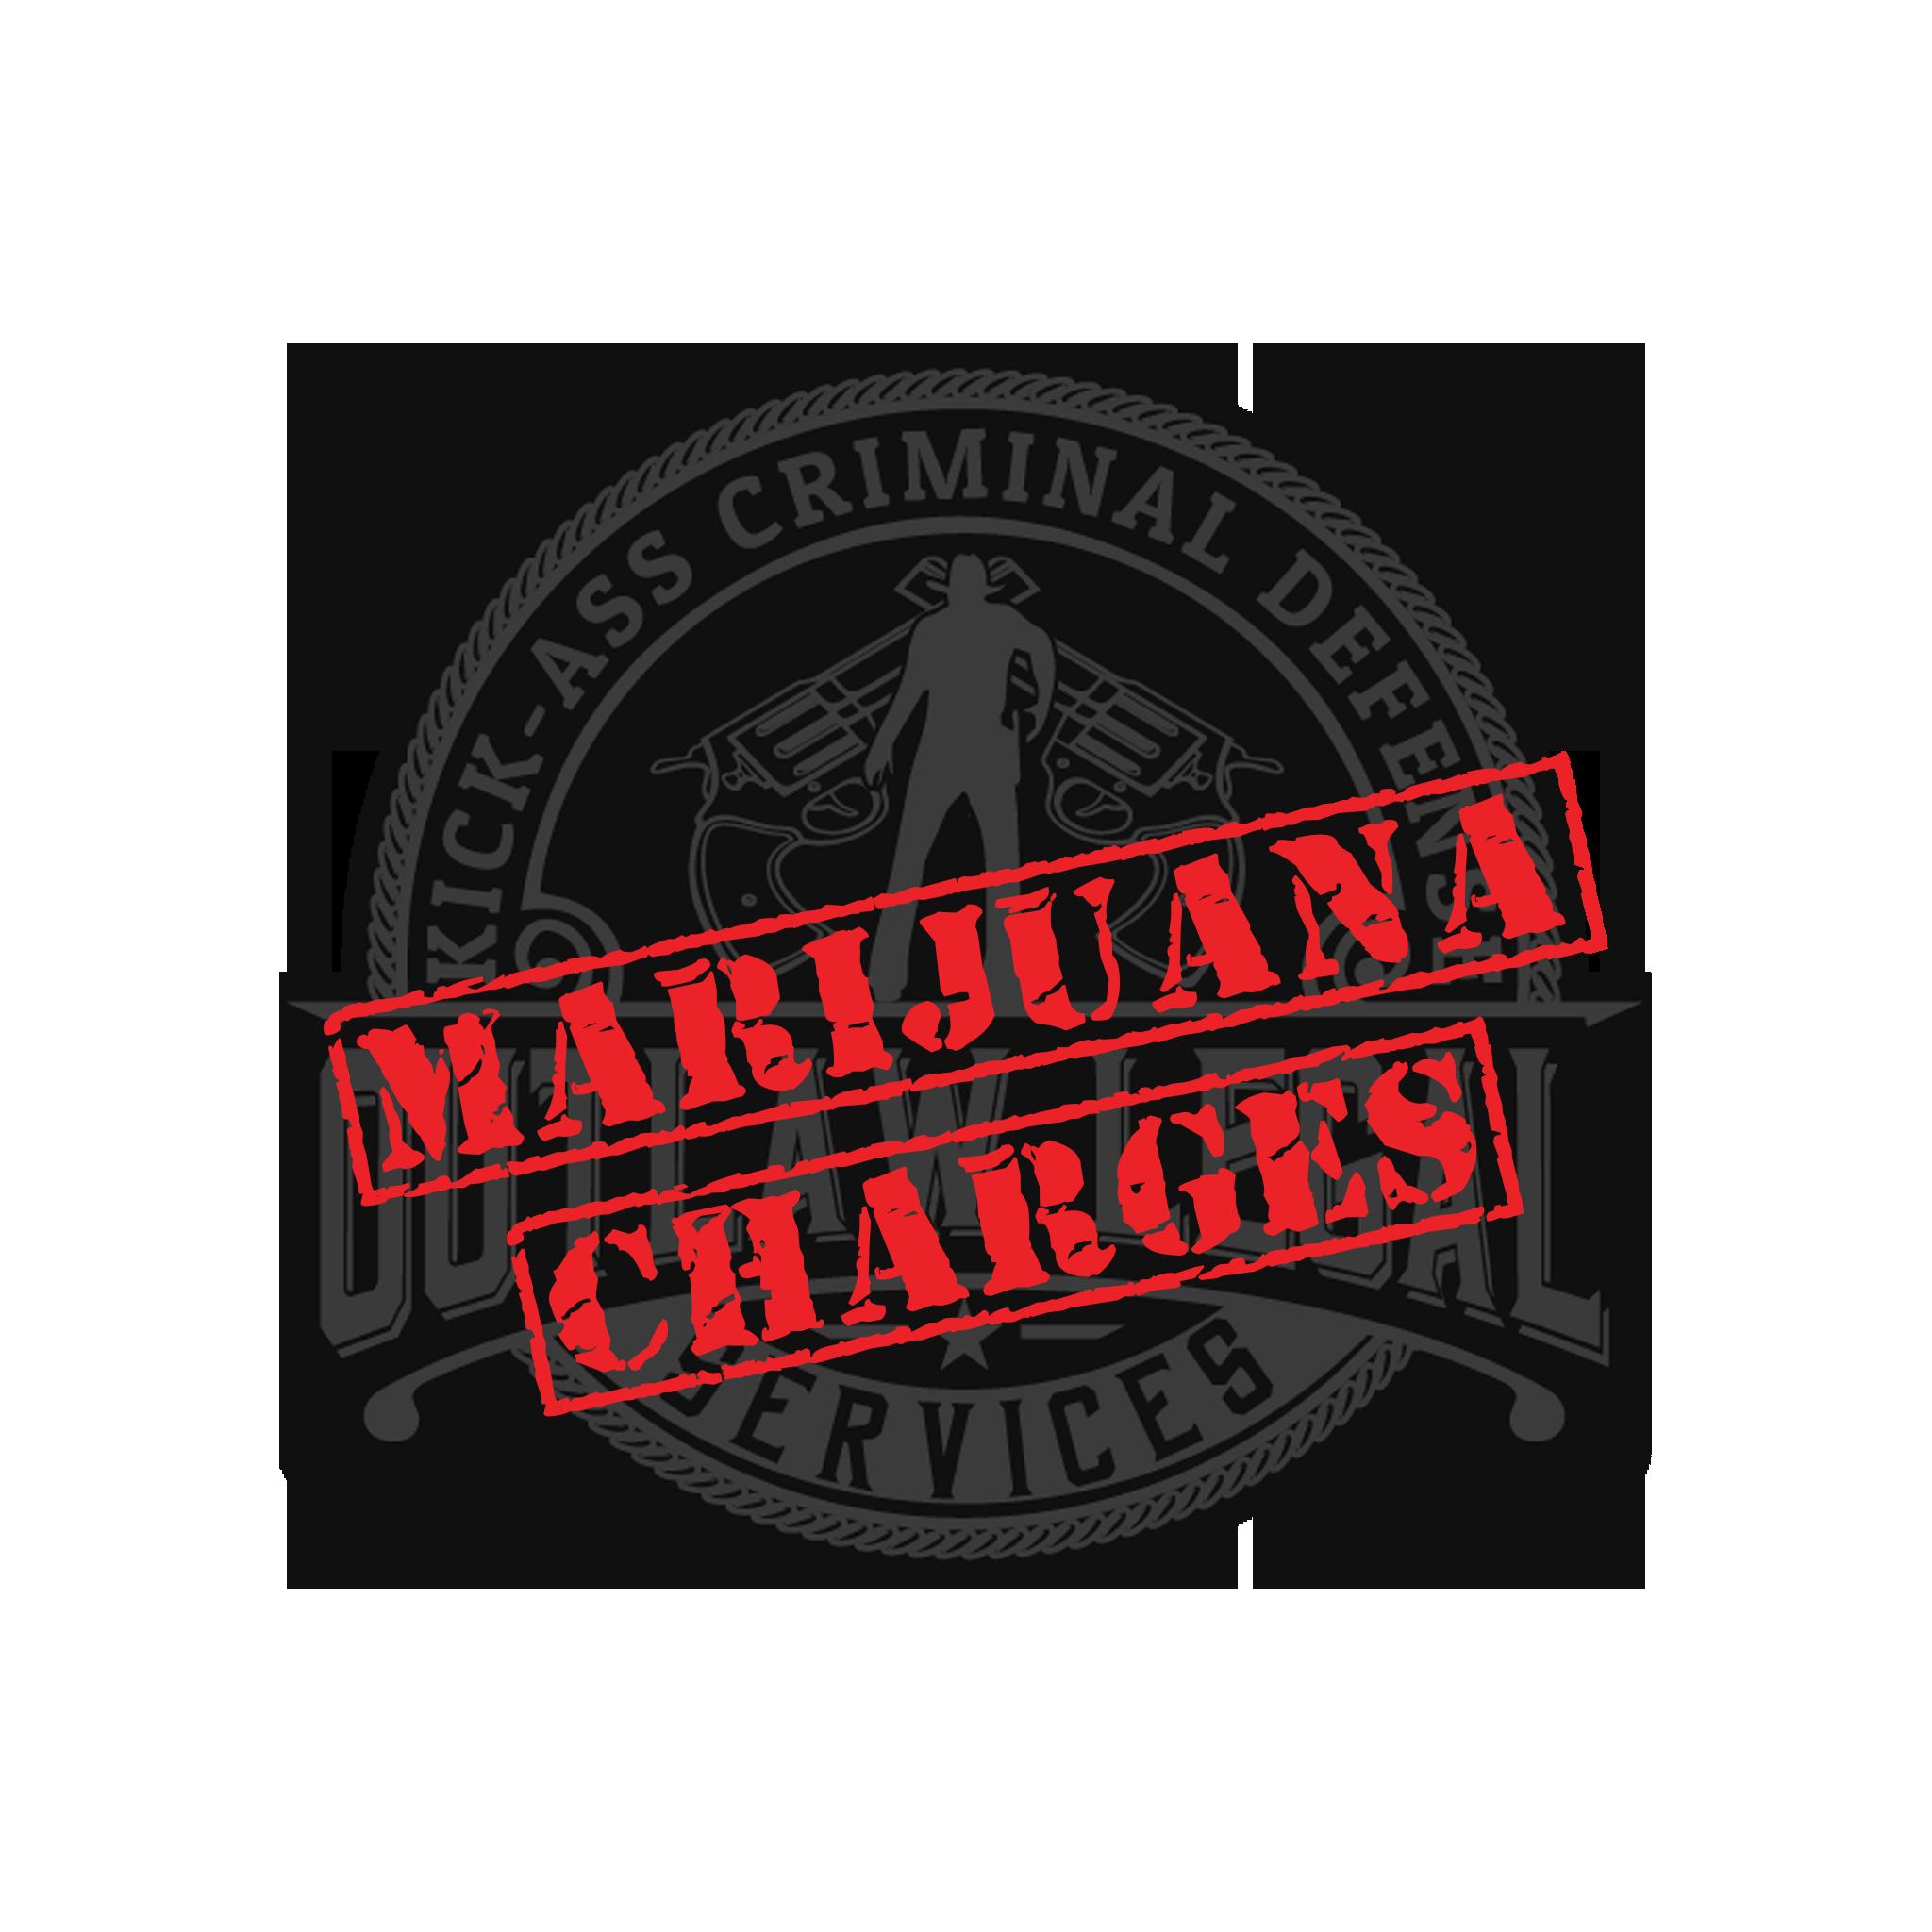 Marijuana charges crimes salt lake city provo ogden vernal Criminal Defense Attorney Lawyer Utah